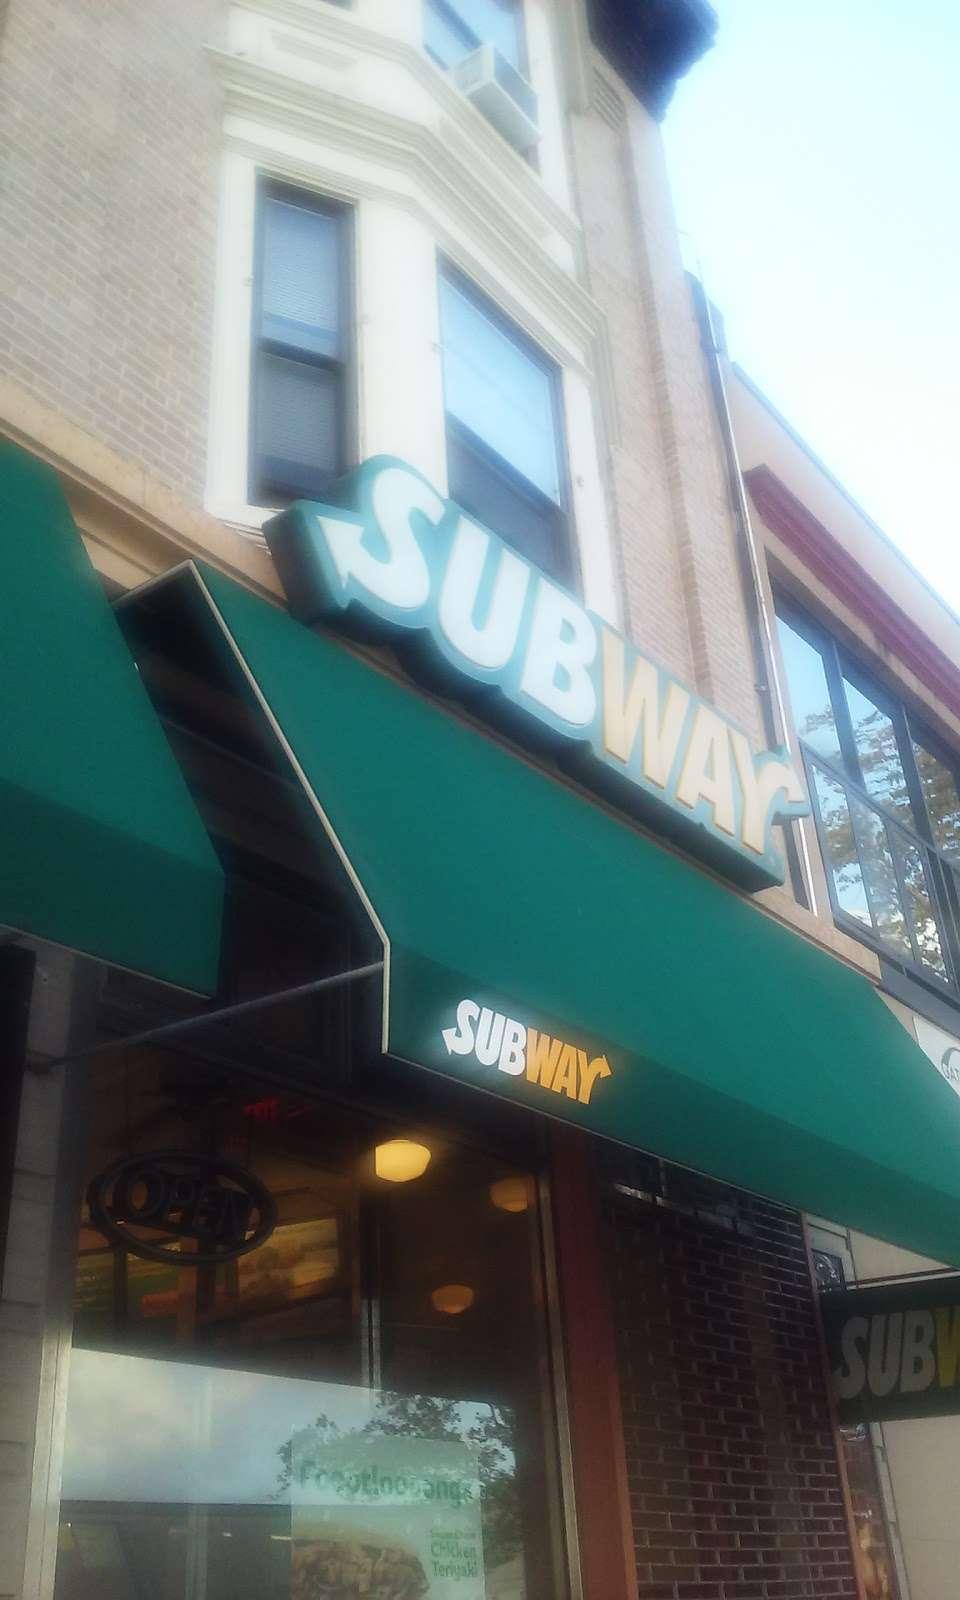 Subway Restaurants - restaurant  | Photo 4 of 6 | Address: 150 Bay St, Staten Island, NY 10301, USA | Phone: (718) 727-1777